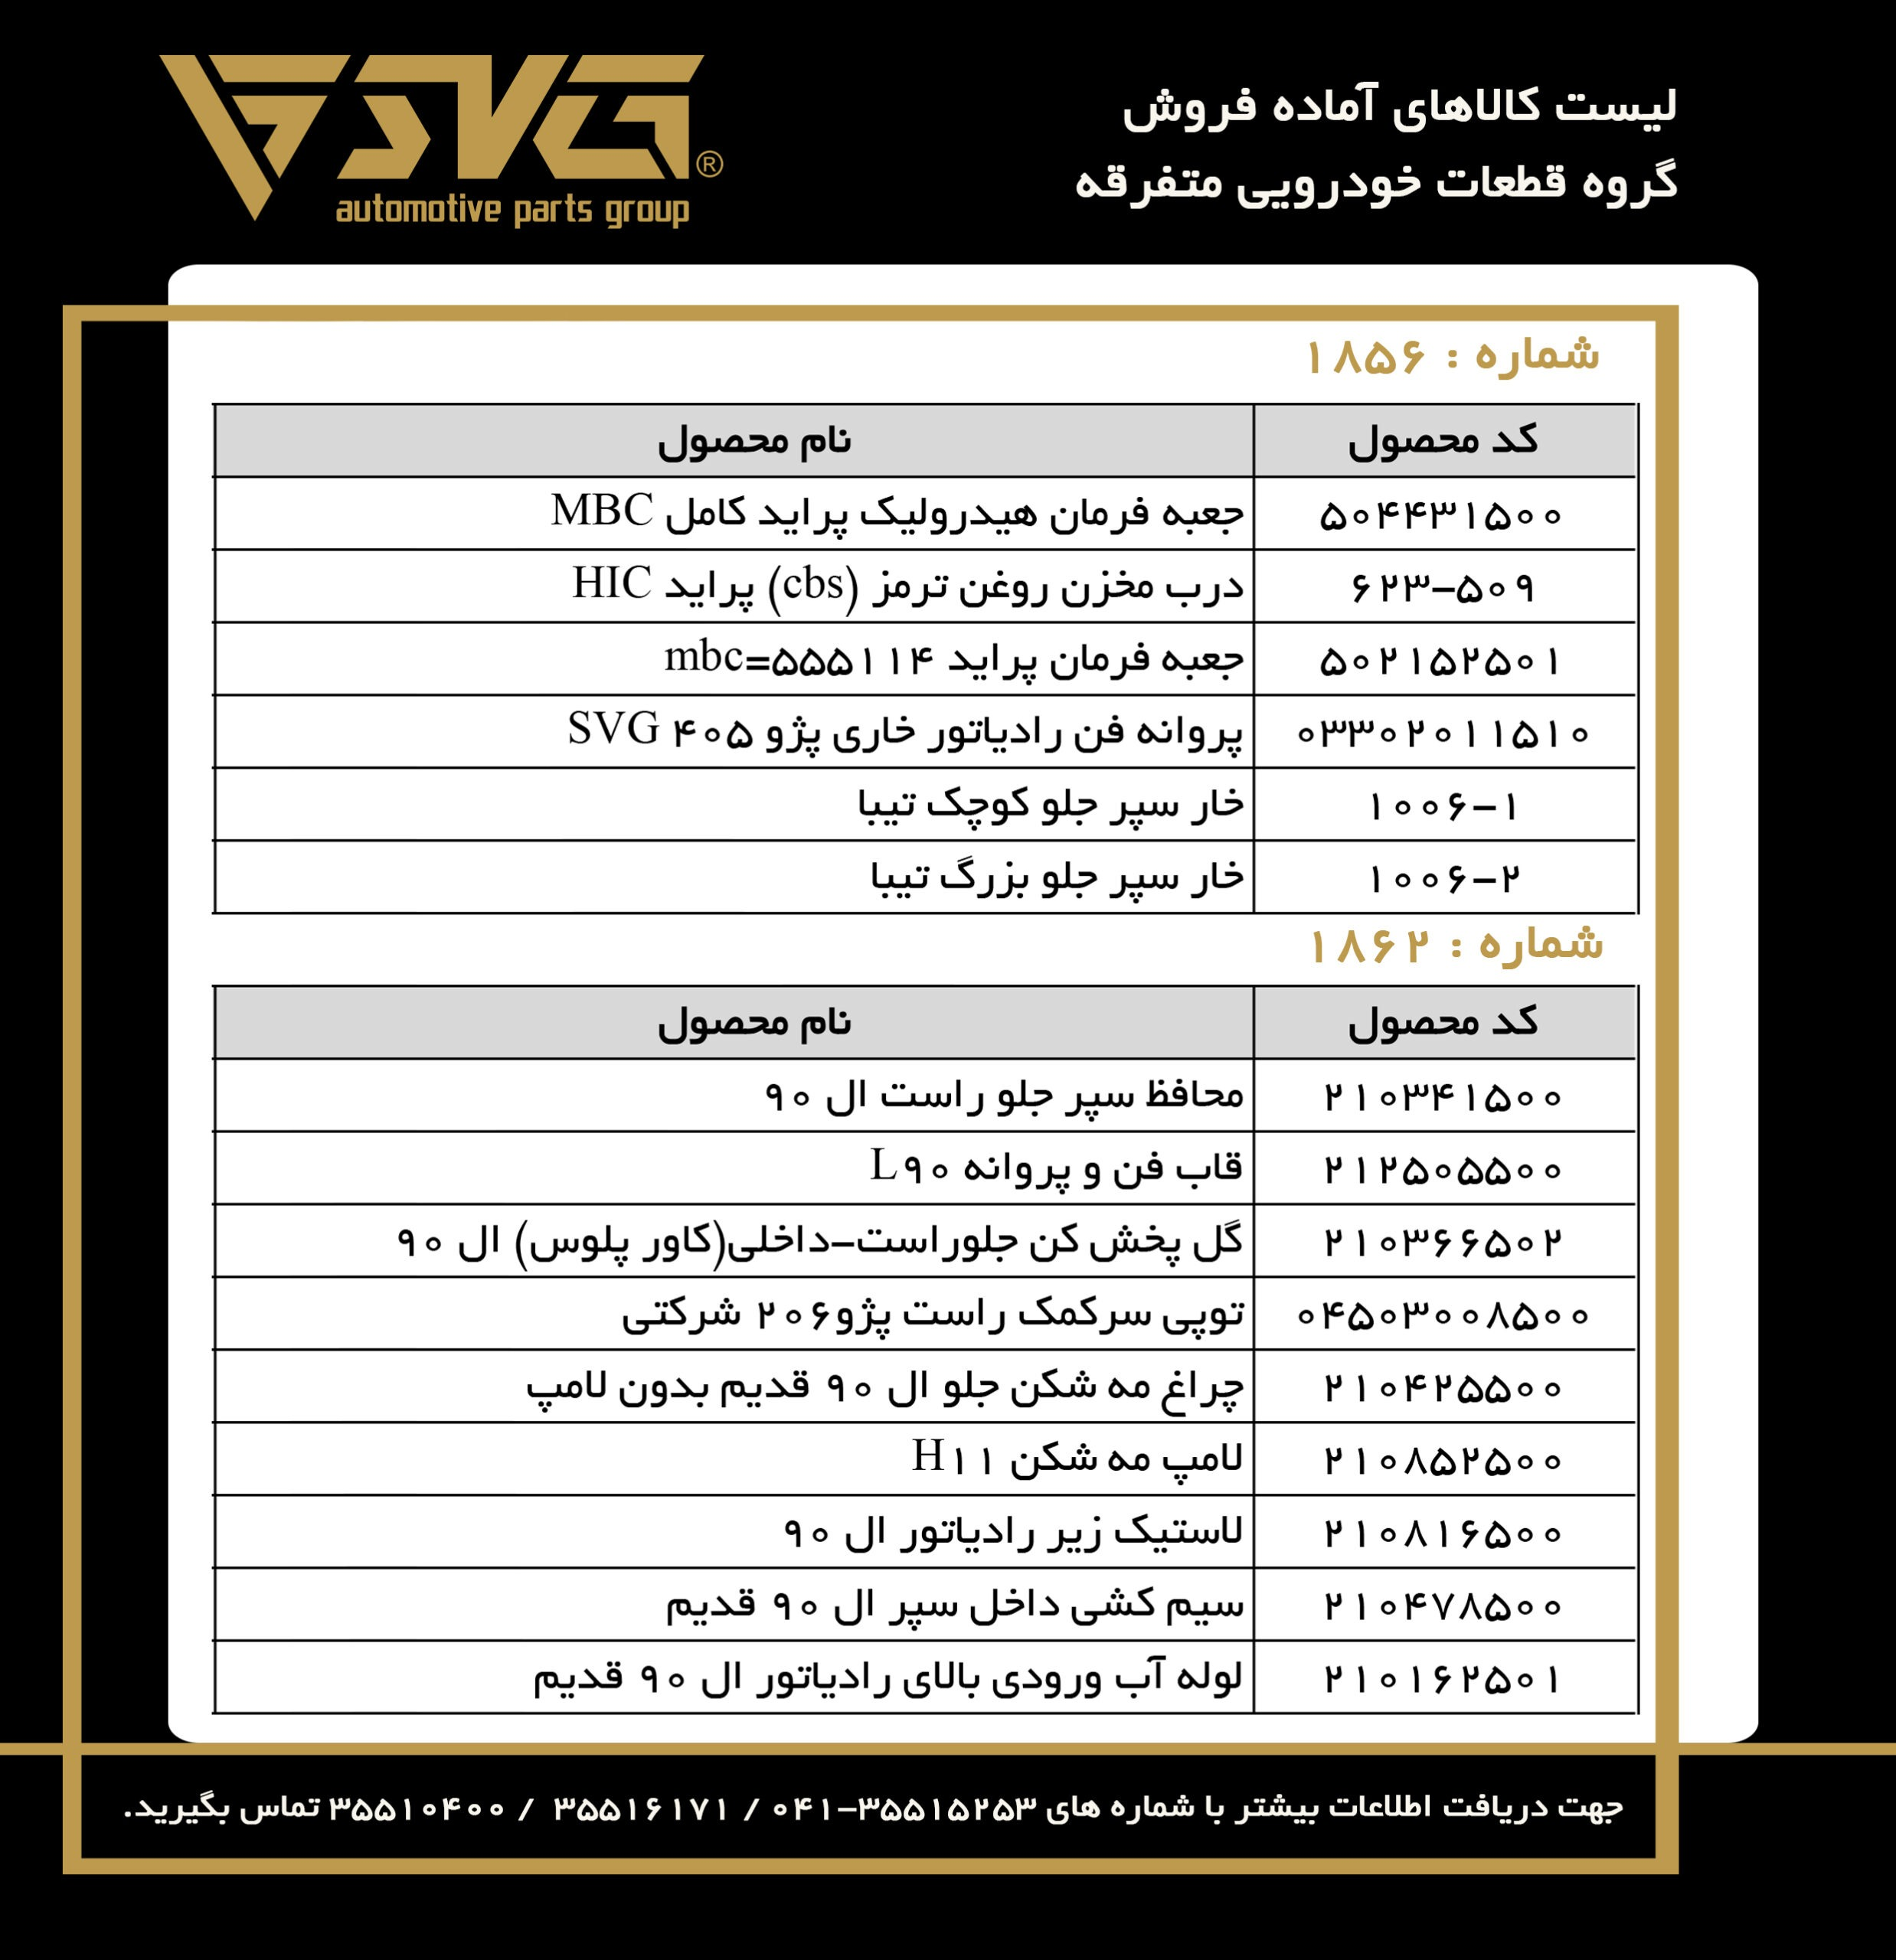 آماده فروش 12 بهمن 99